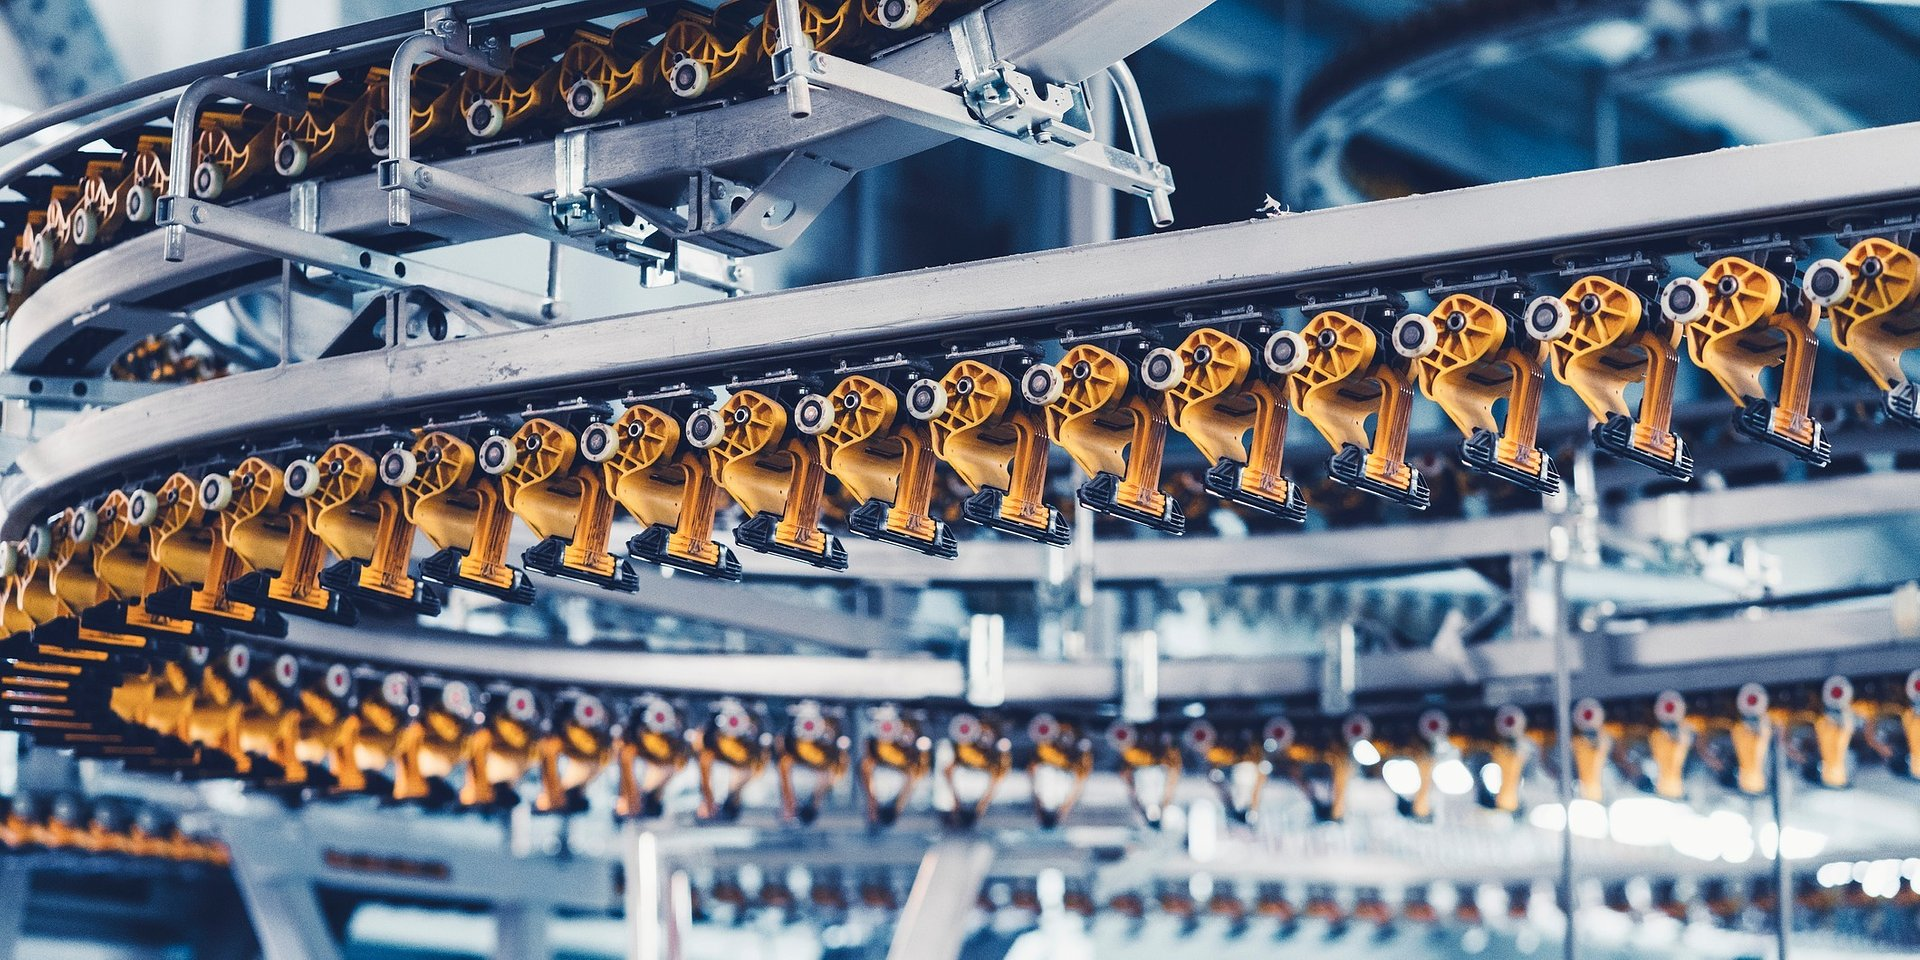 Produkcja przemysłowa w USA we wzrostowym trendzie